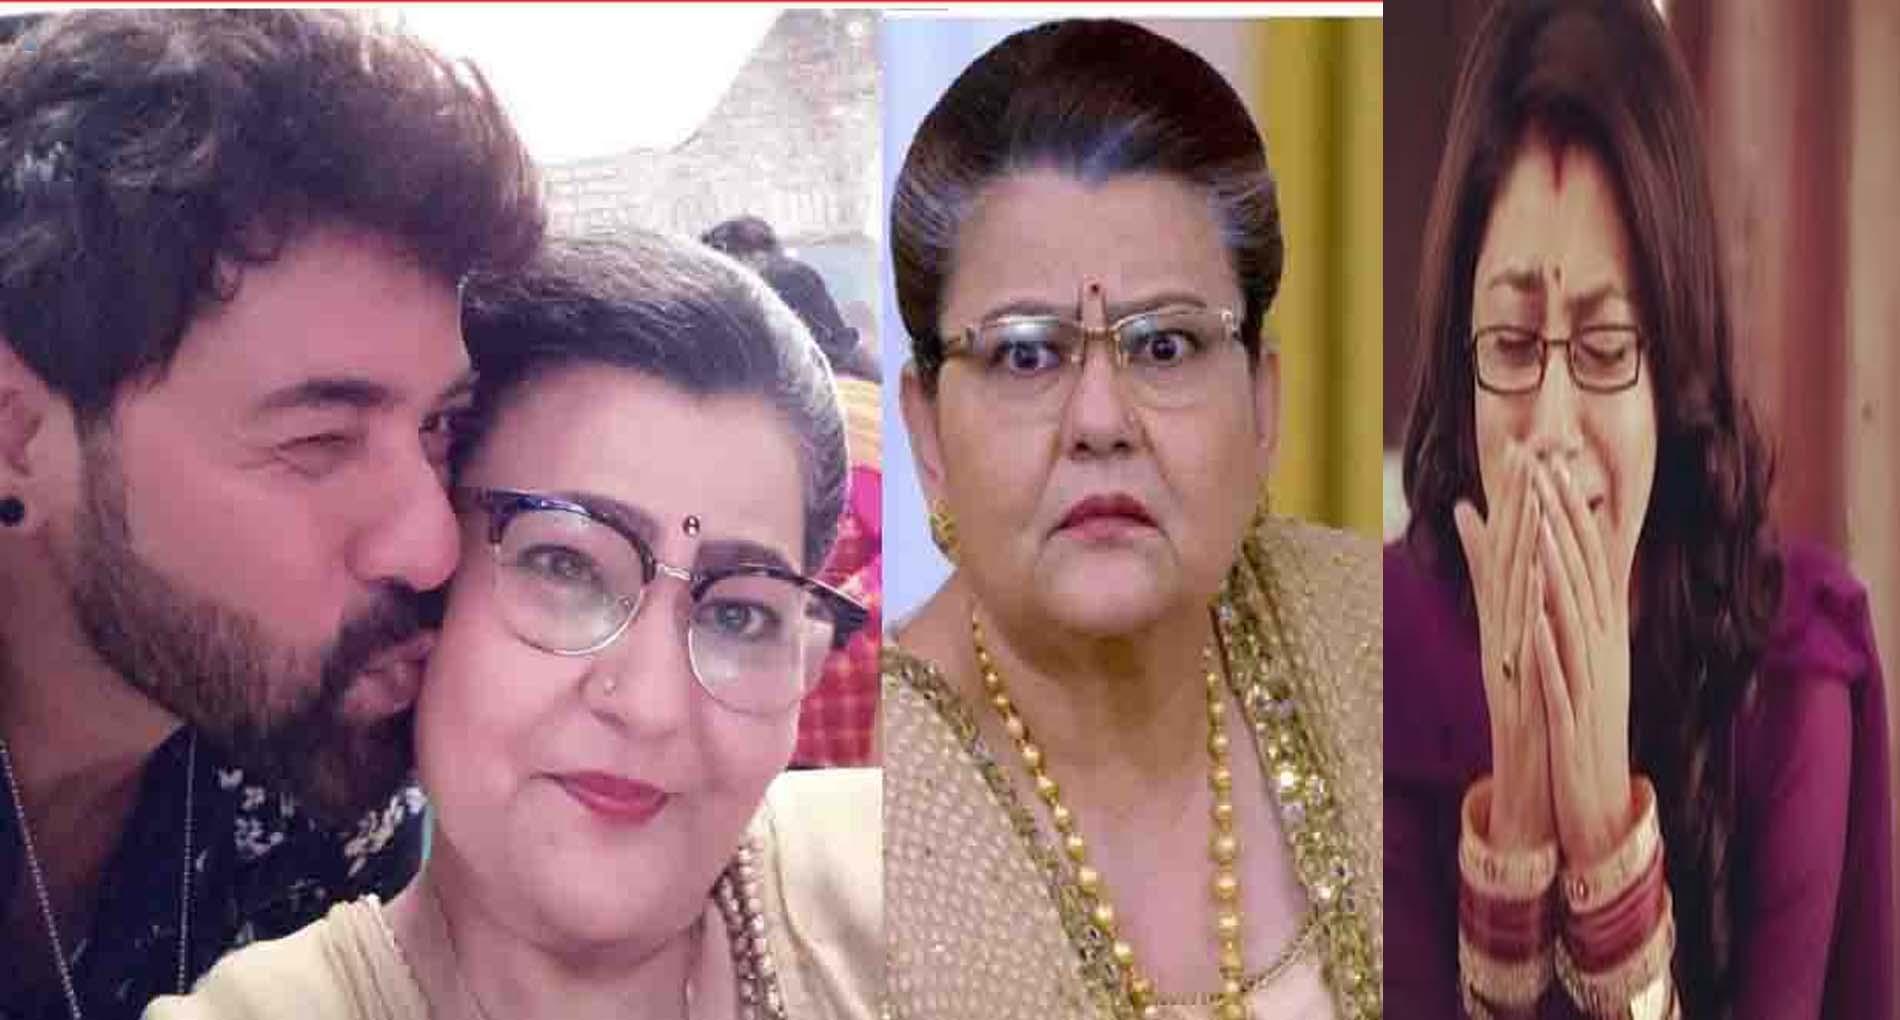 कुमकुम भाग्य: 'इंदू दादी' का 54 साल की उम्र में निधन, को-स्टार्स ने जताया शोक